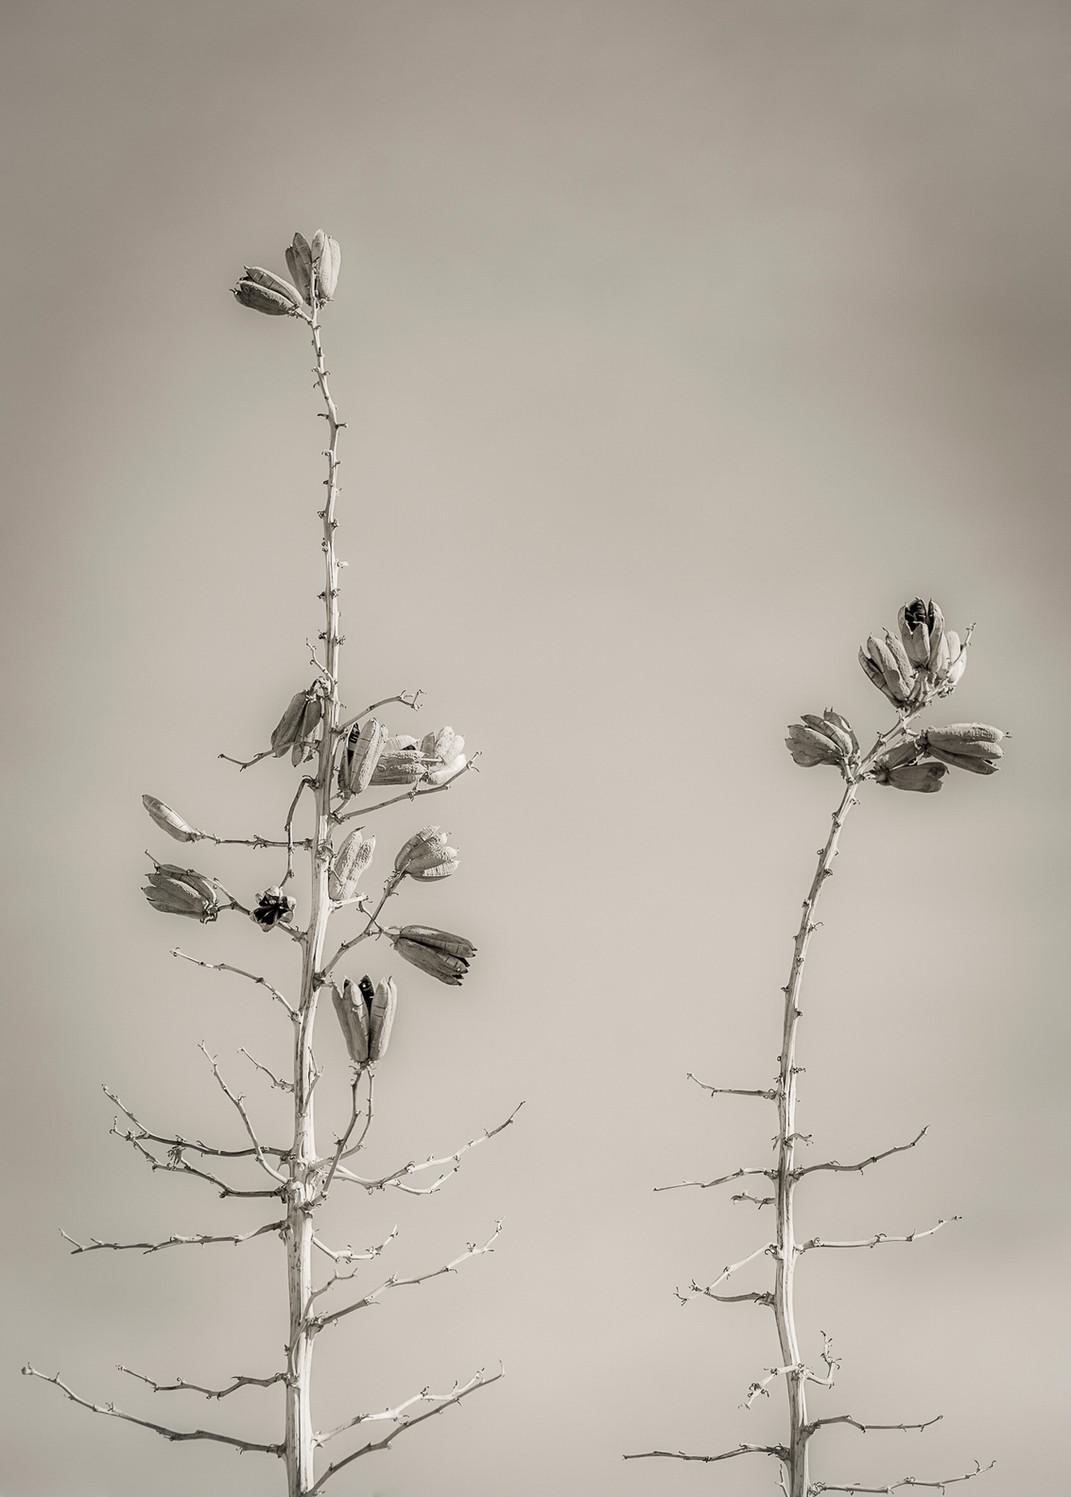 Siddho-Photography-nature-BW-35.jpg